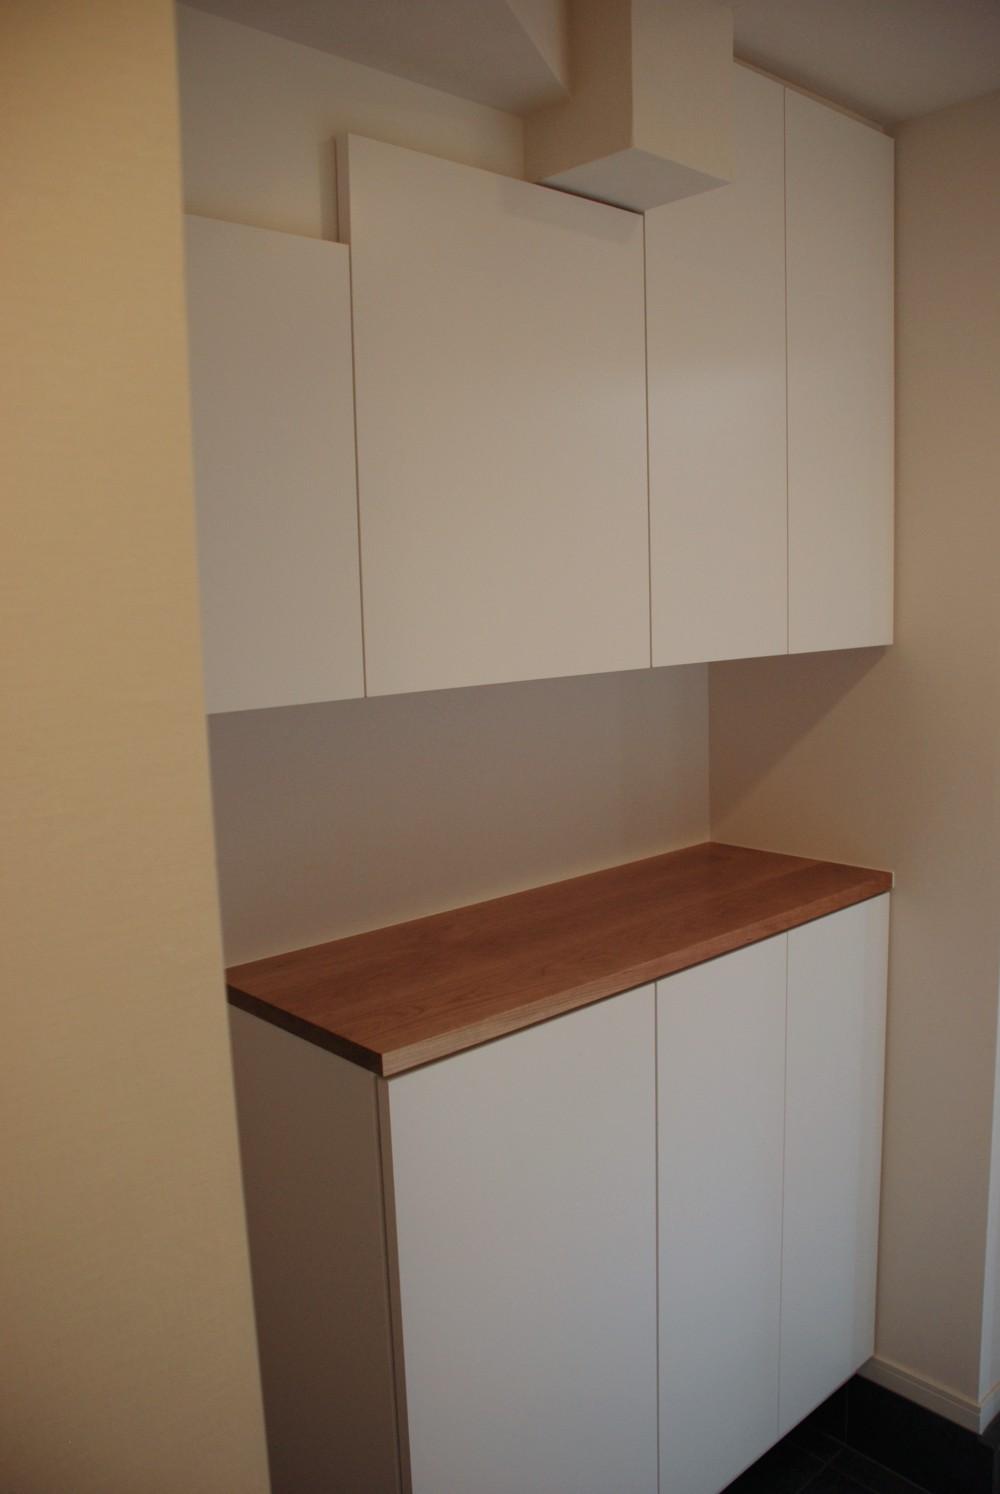 天井の梁を隠してすっきり見せるチェリーとホワイト化粧板で作る玄関収納